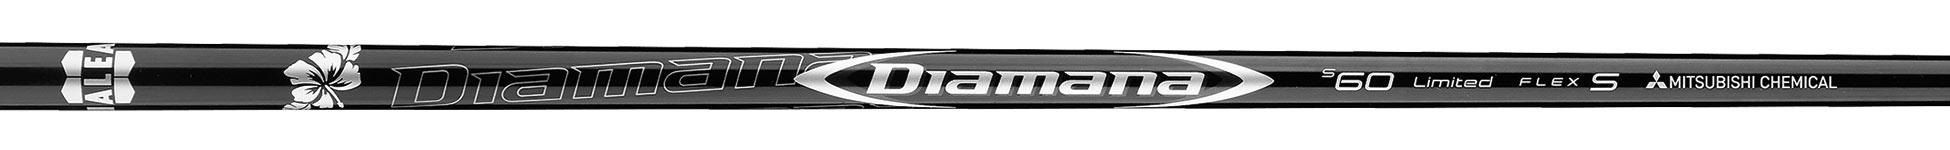 Mitsubishi Diamana S Limited 60